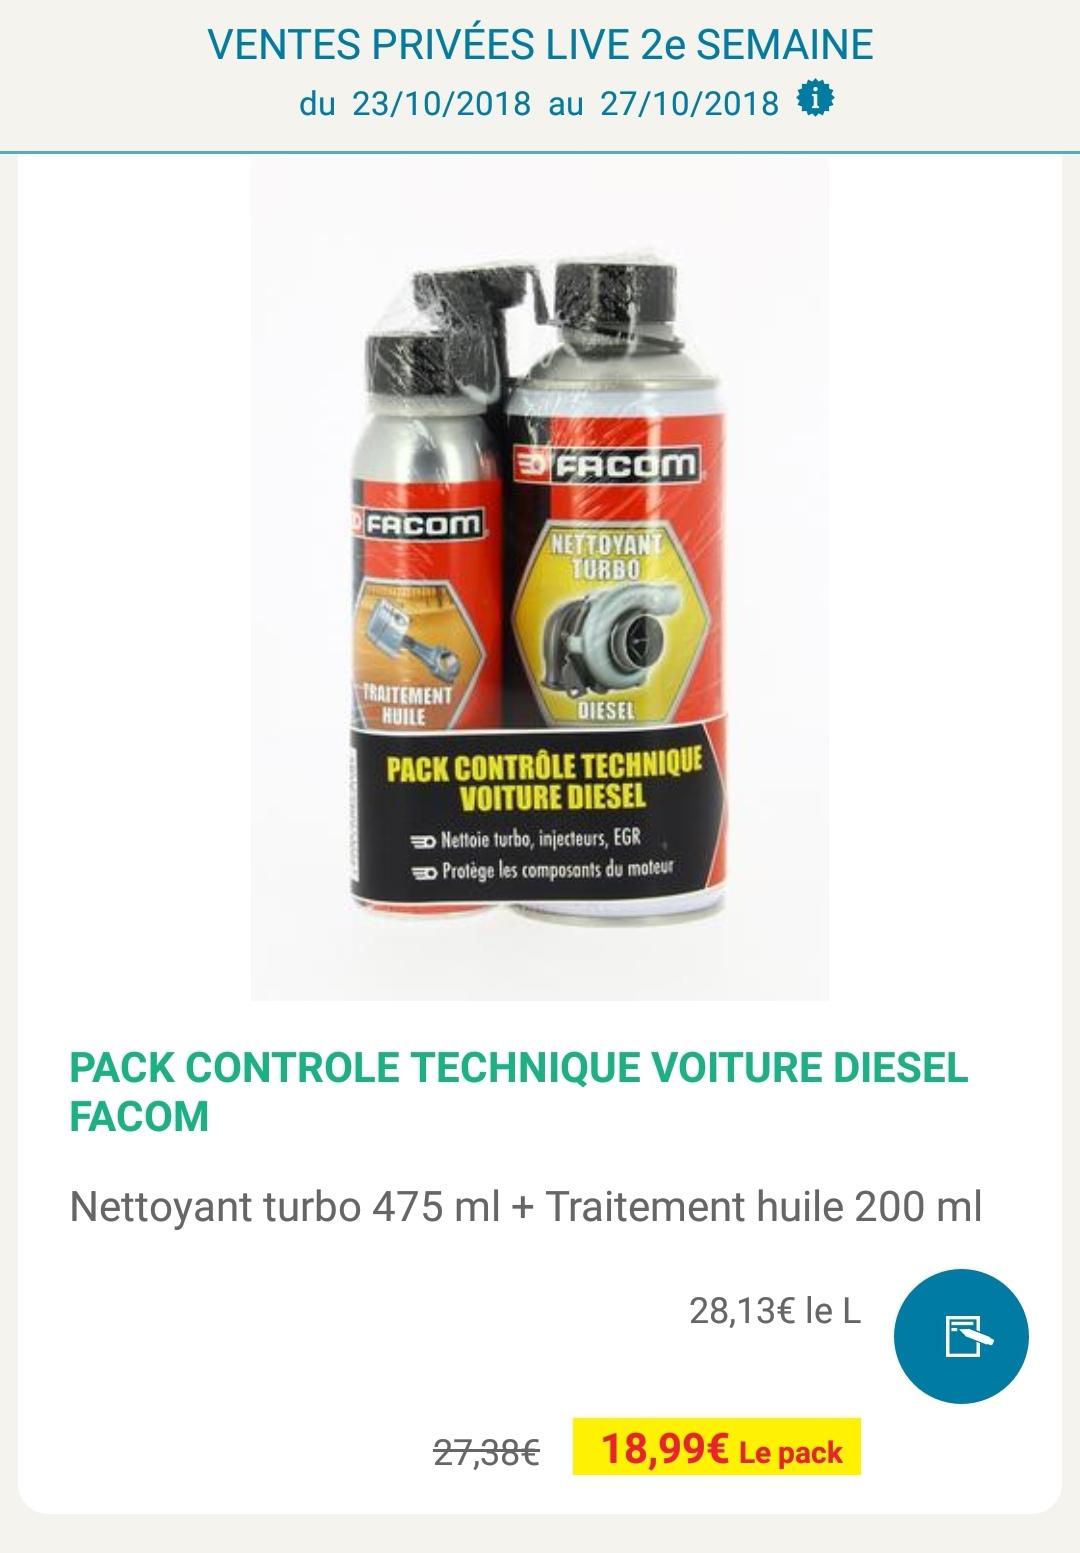 Sélection de produits en Promotion - Ex: Pack Contrôle Technique Voiture Diesel Facom